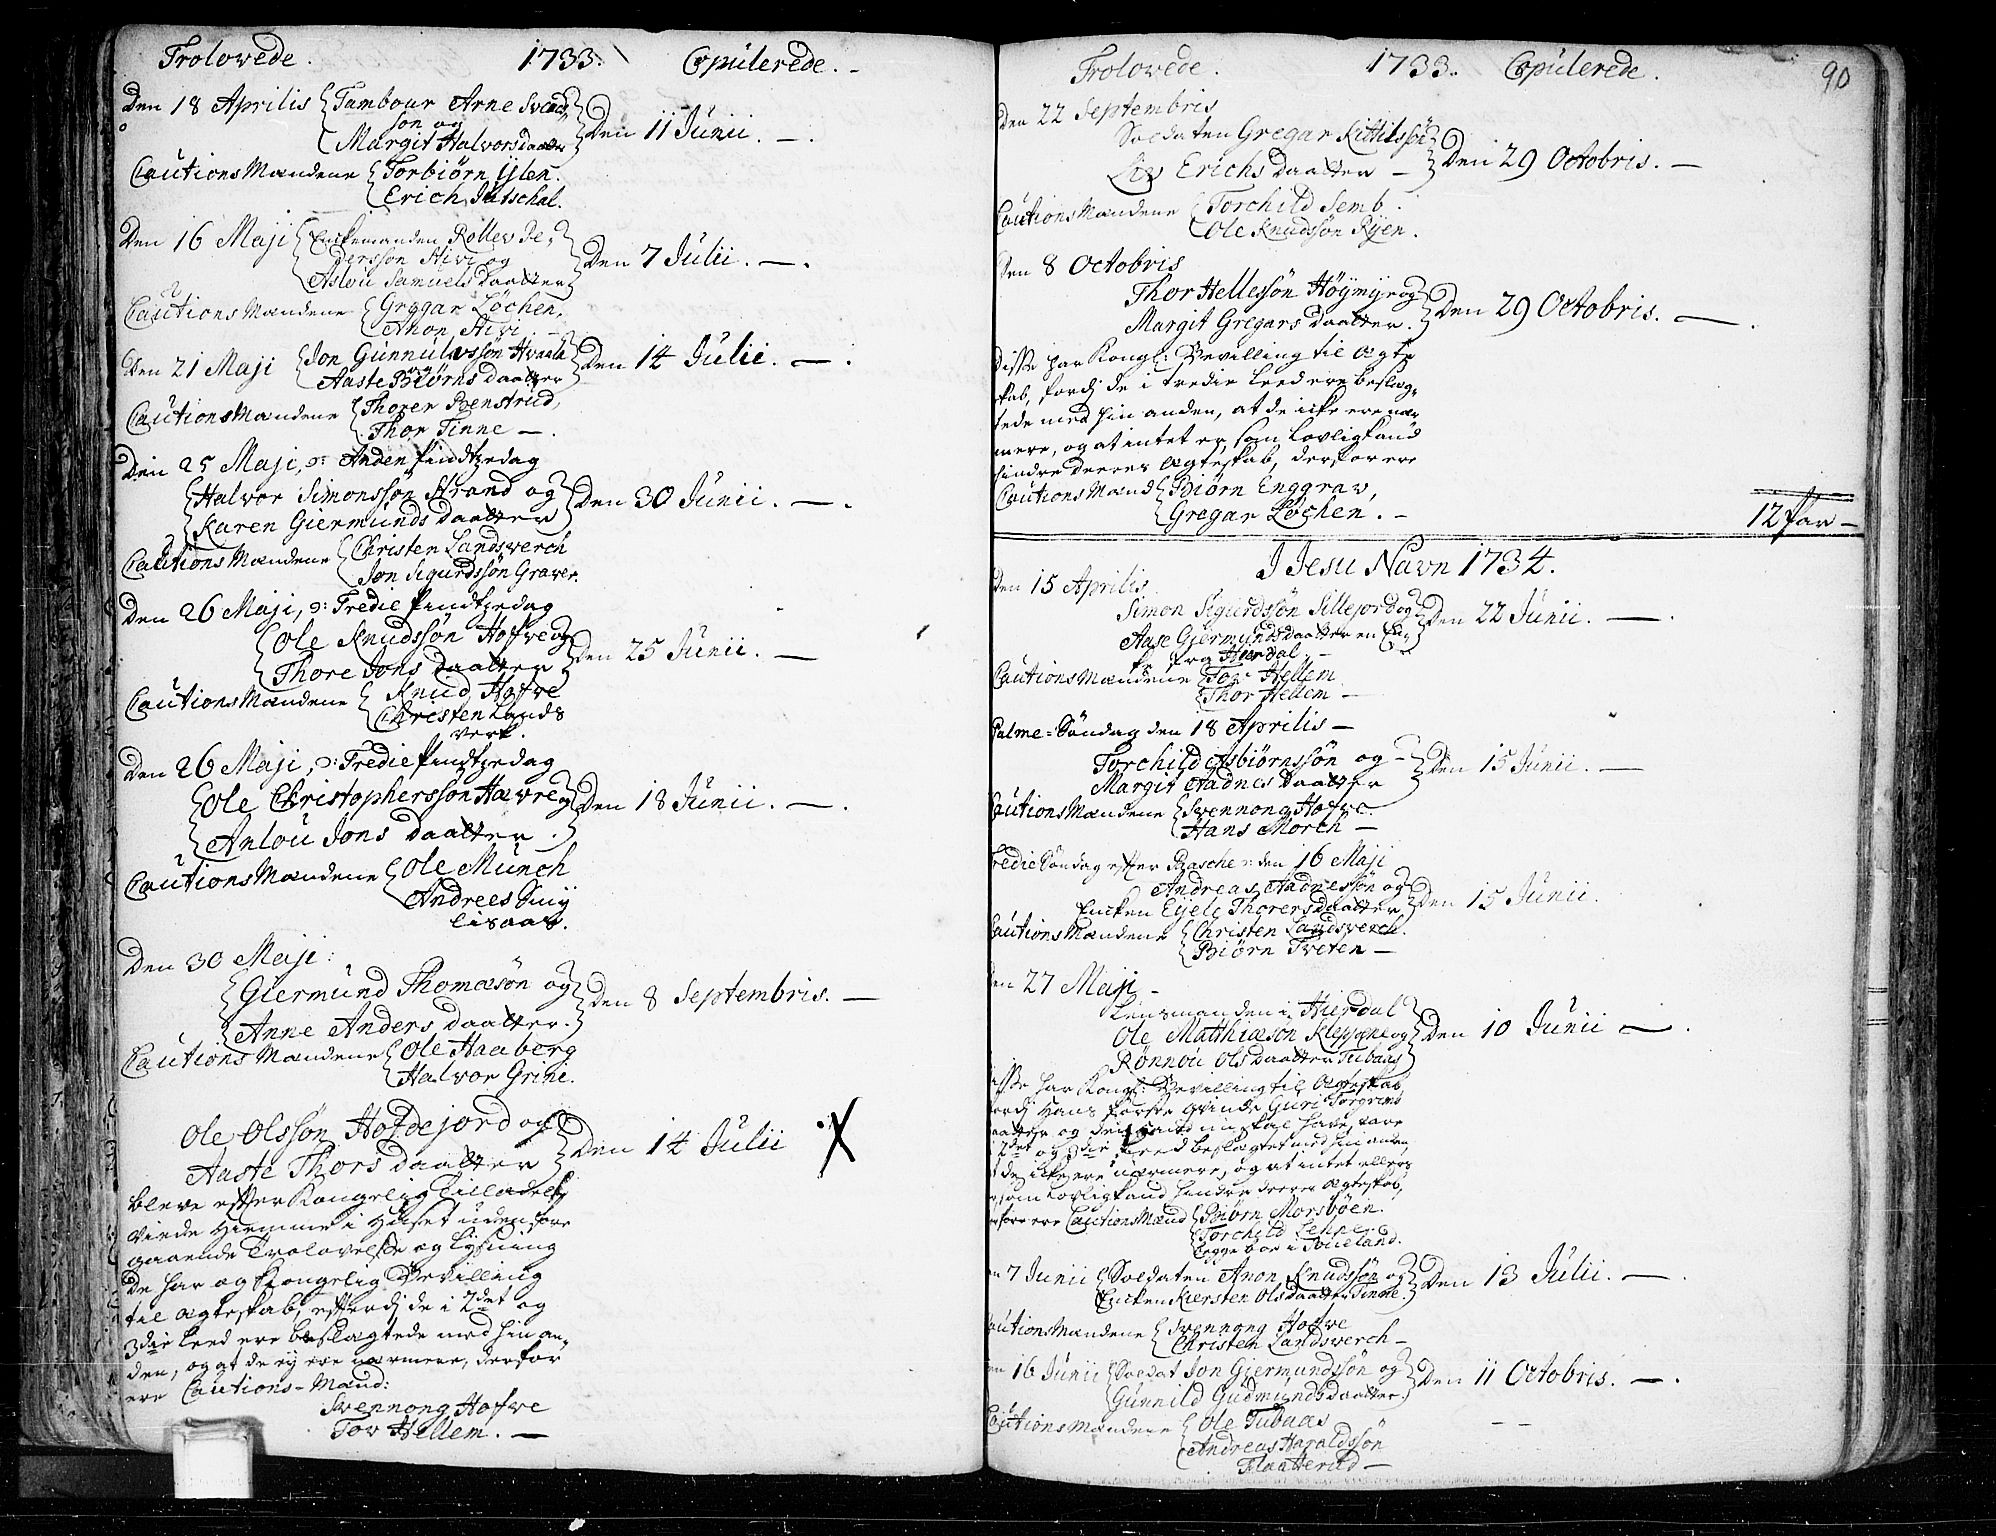 SAKO, Heddal kirkebøker, F/Fa/L0003: Ministerialbok nr. I 3, 1723-1783, s. 90